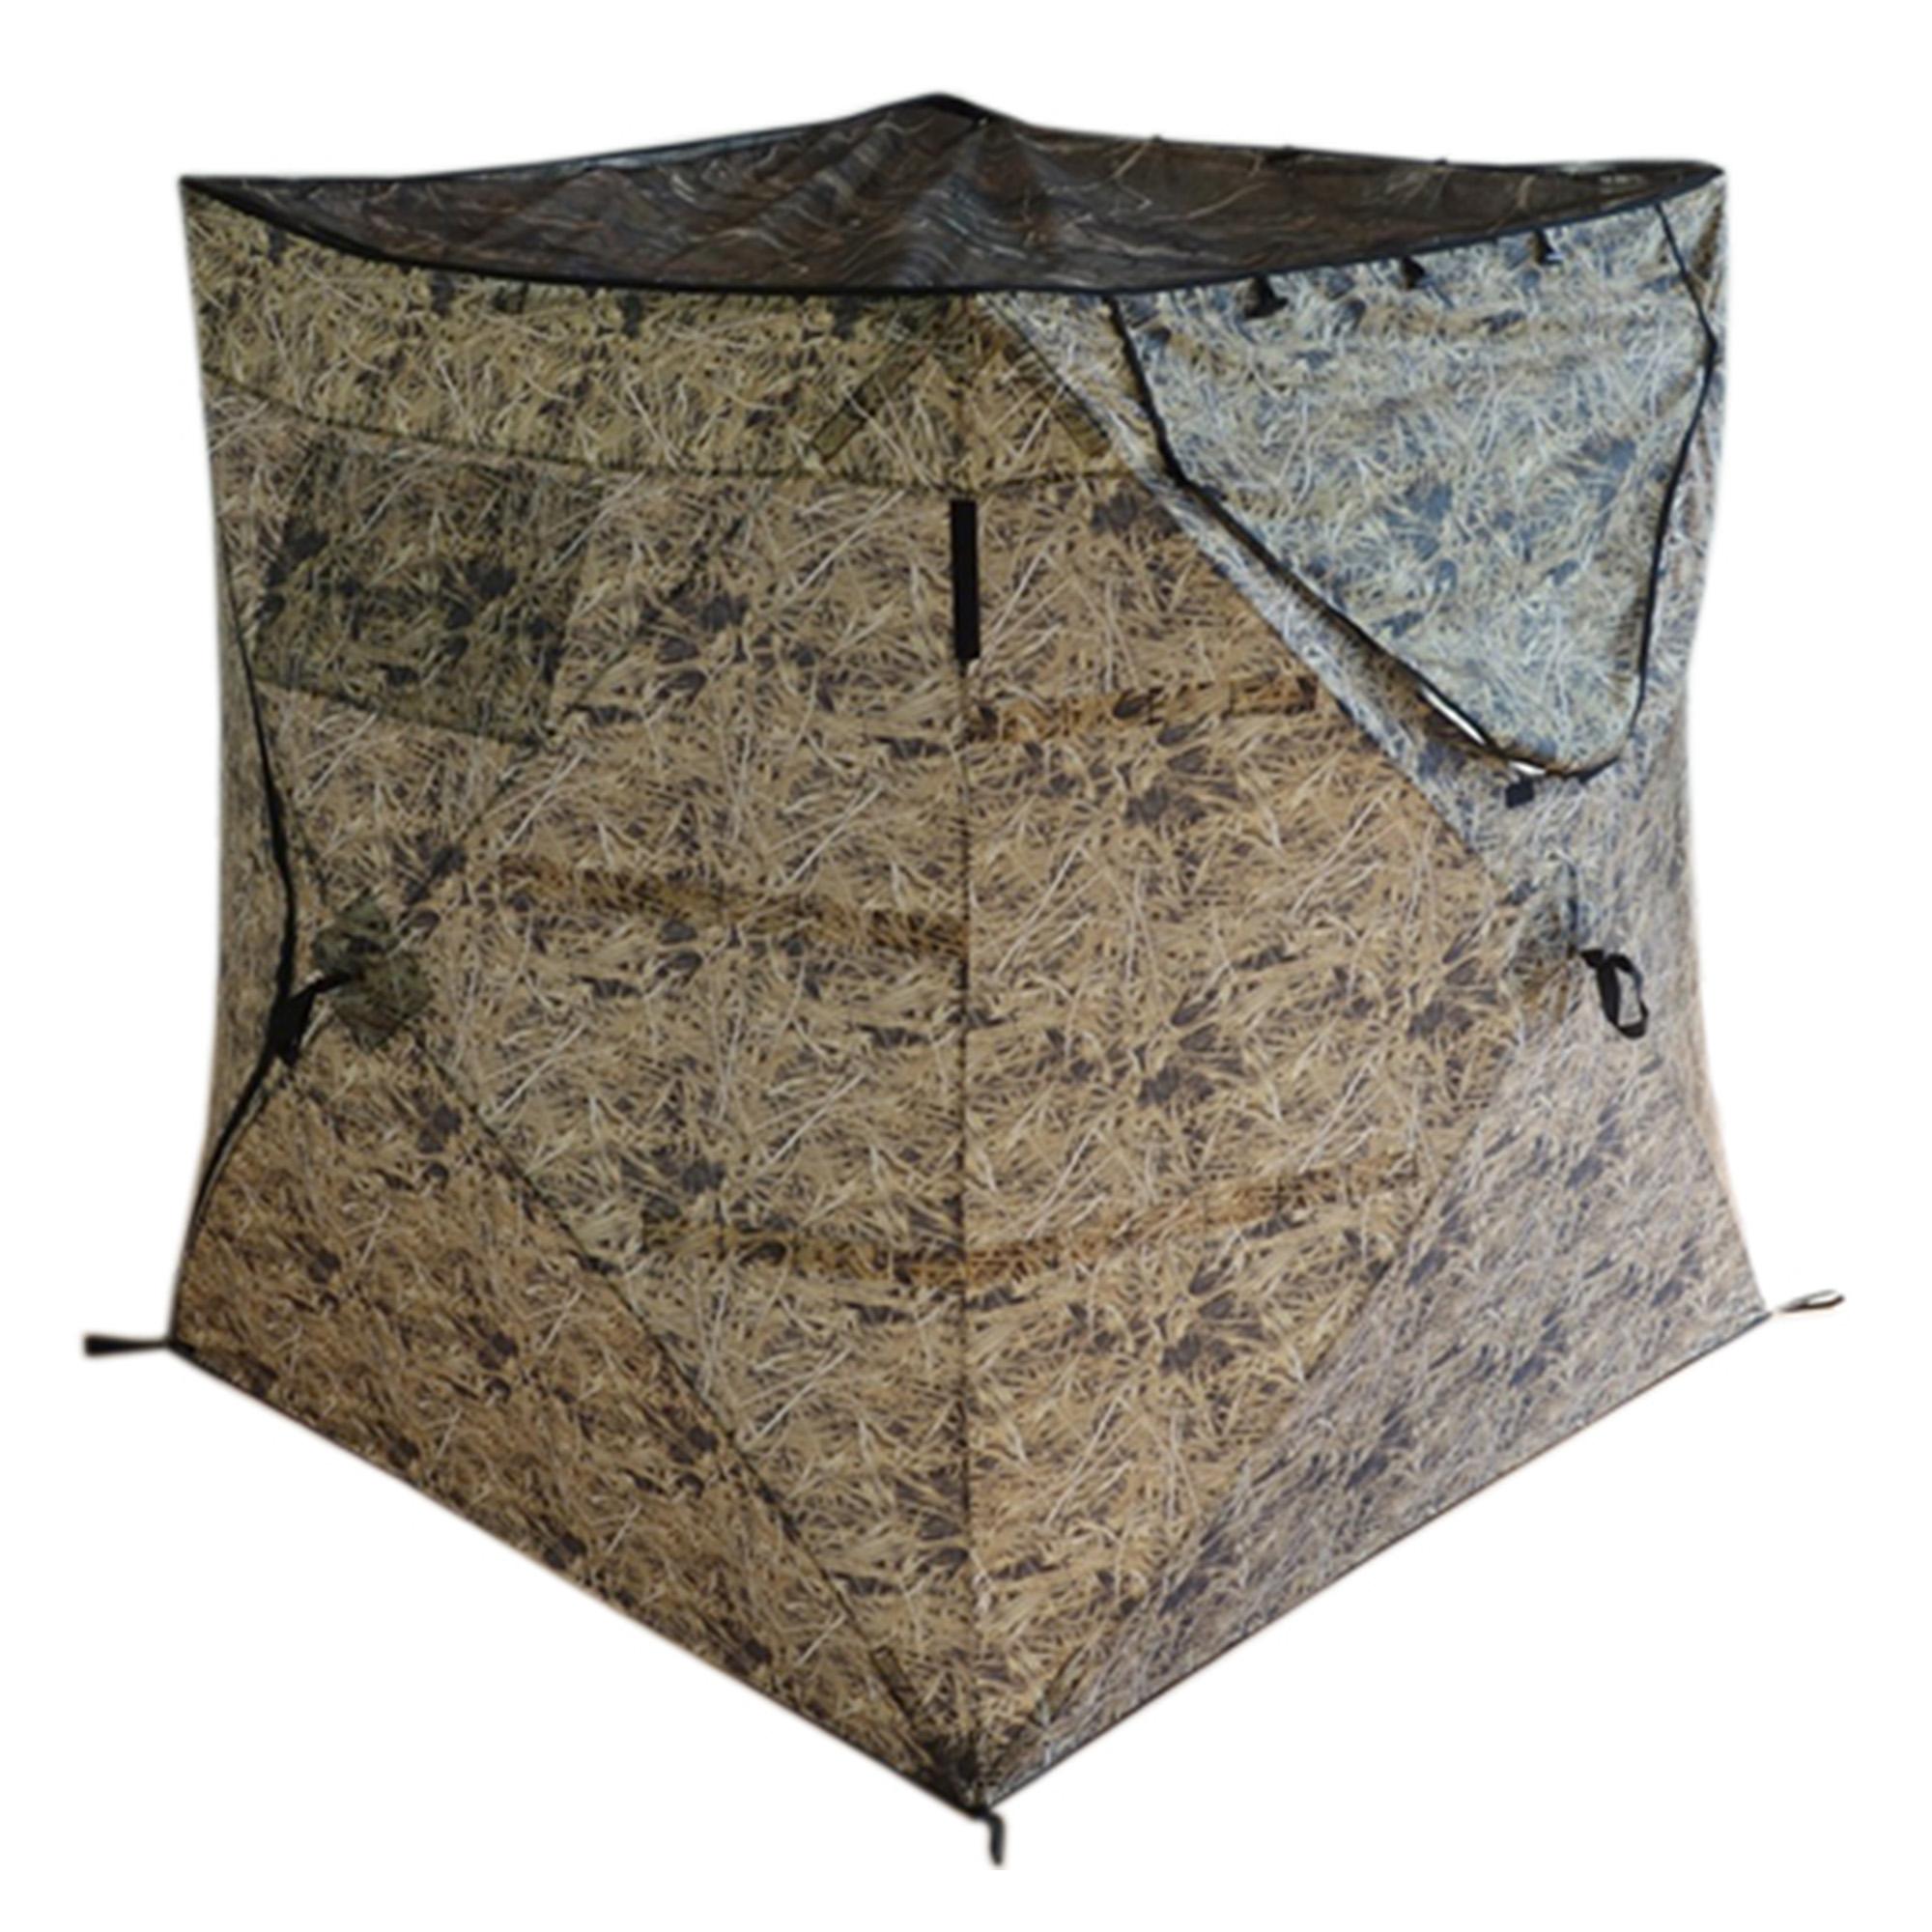 Засидка охотничья ПИНГВИН  Хант  Люкс, Палатки для охоты и рыбалки - арт. 1145120375